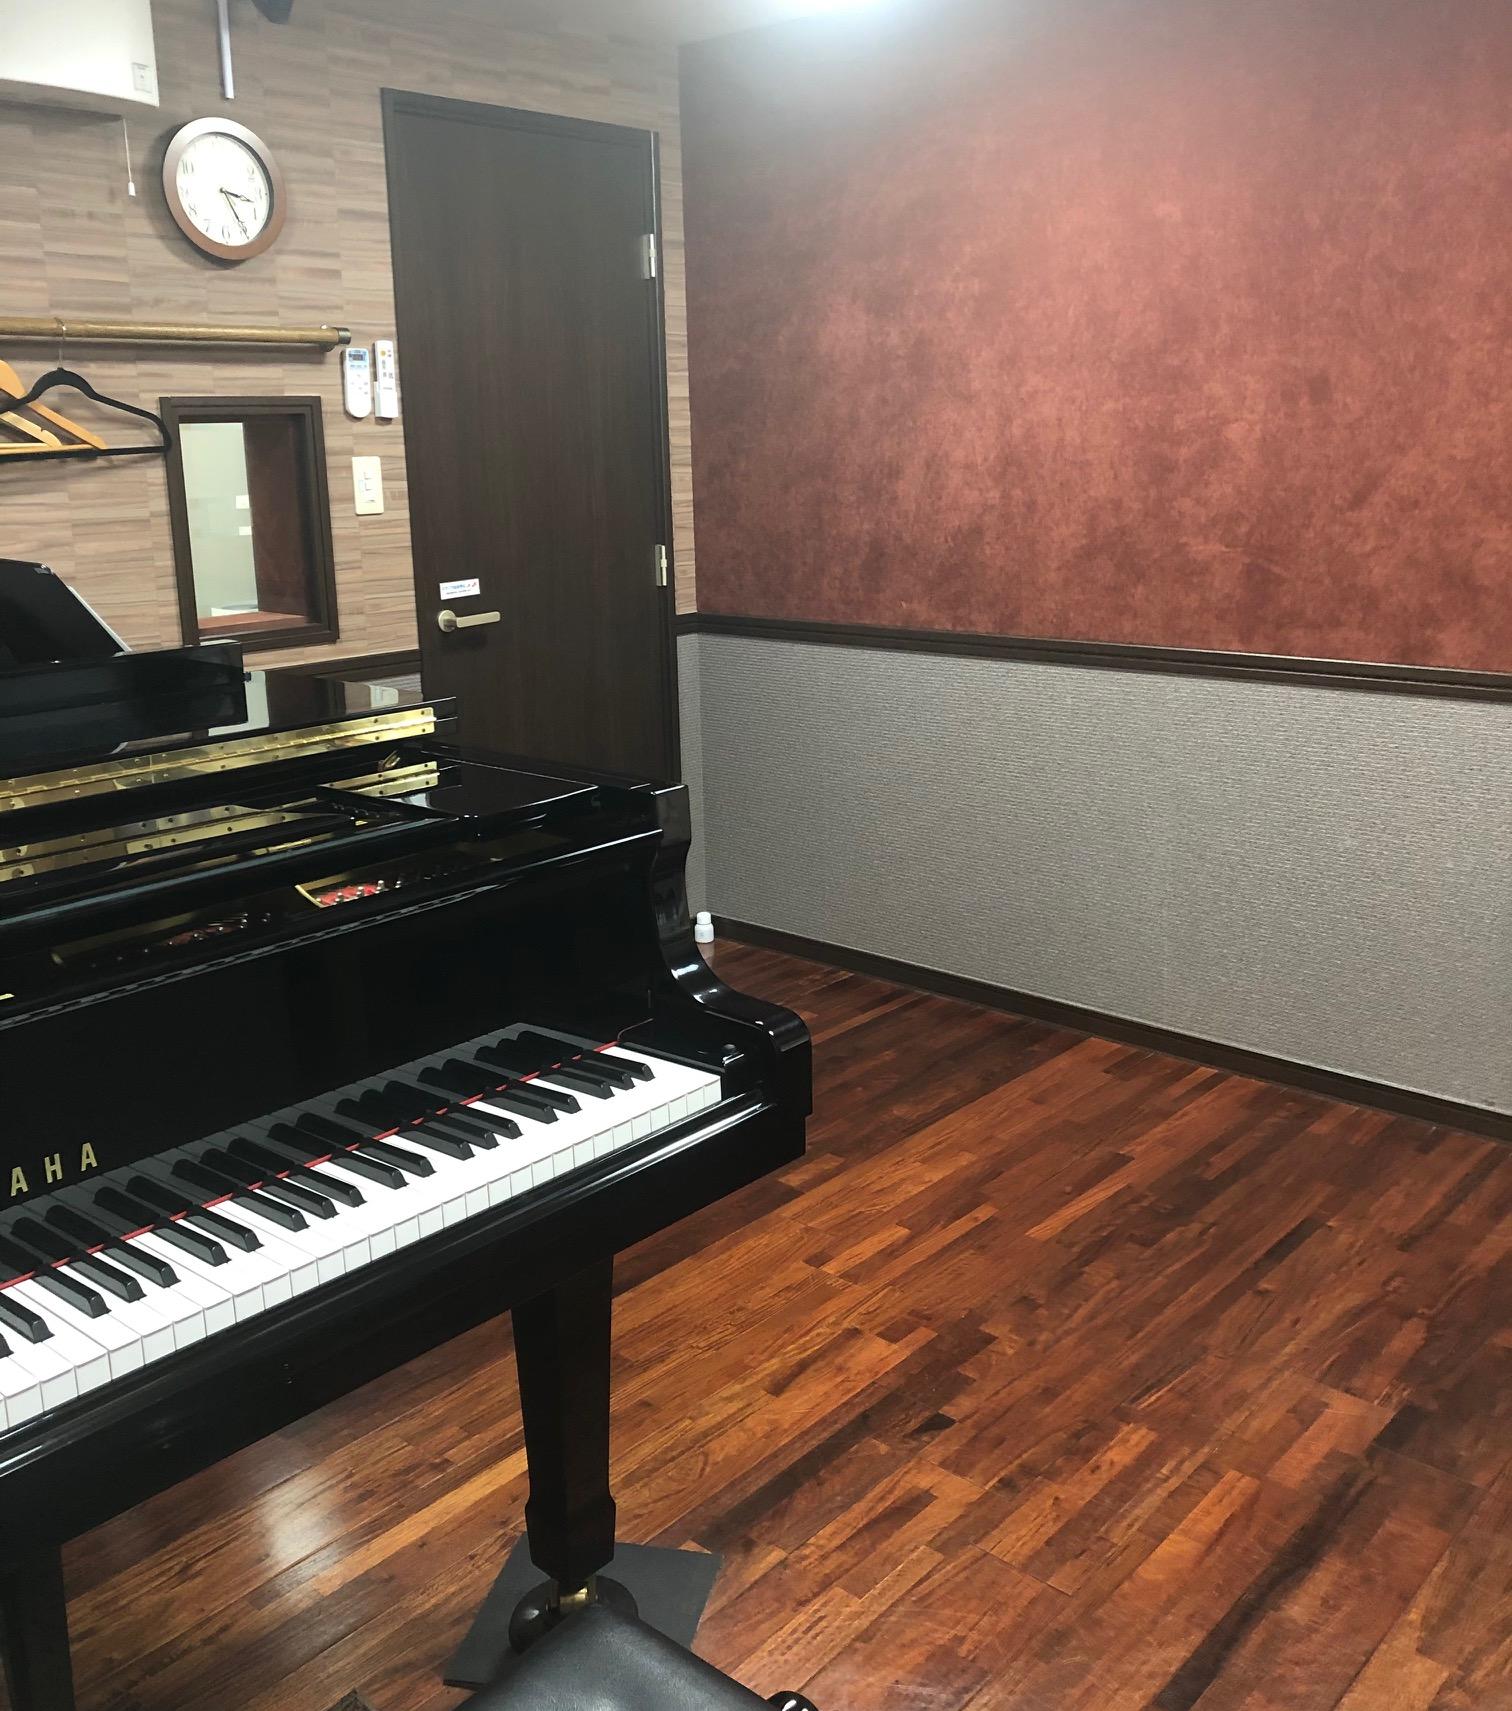 神戸市灘区、西宮市甲東園のピアノ教室 | ピアノ教室 Farbe | 阪急六甲駅、甲東園駅